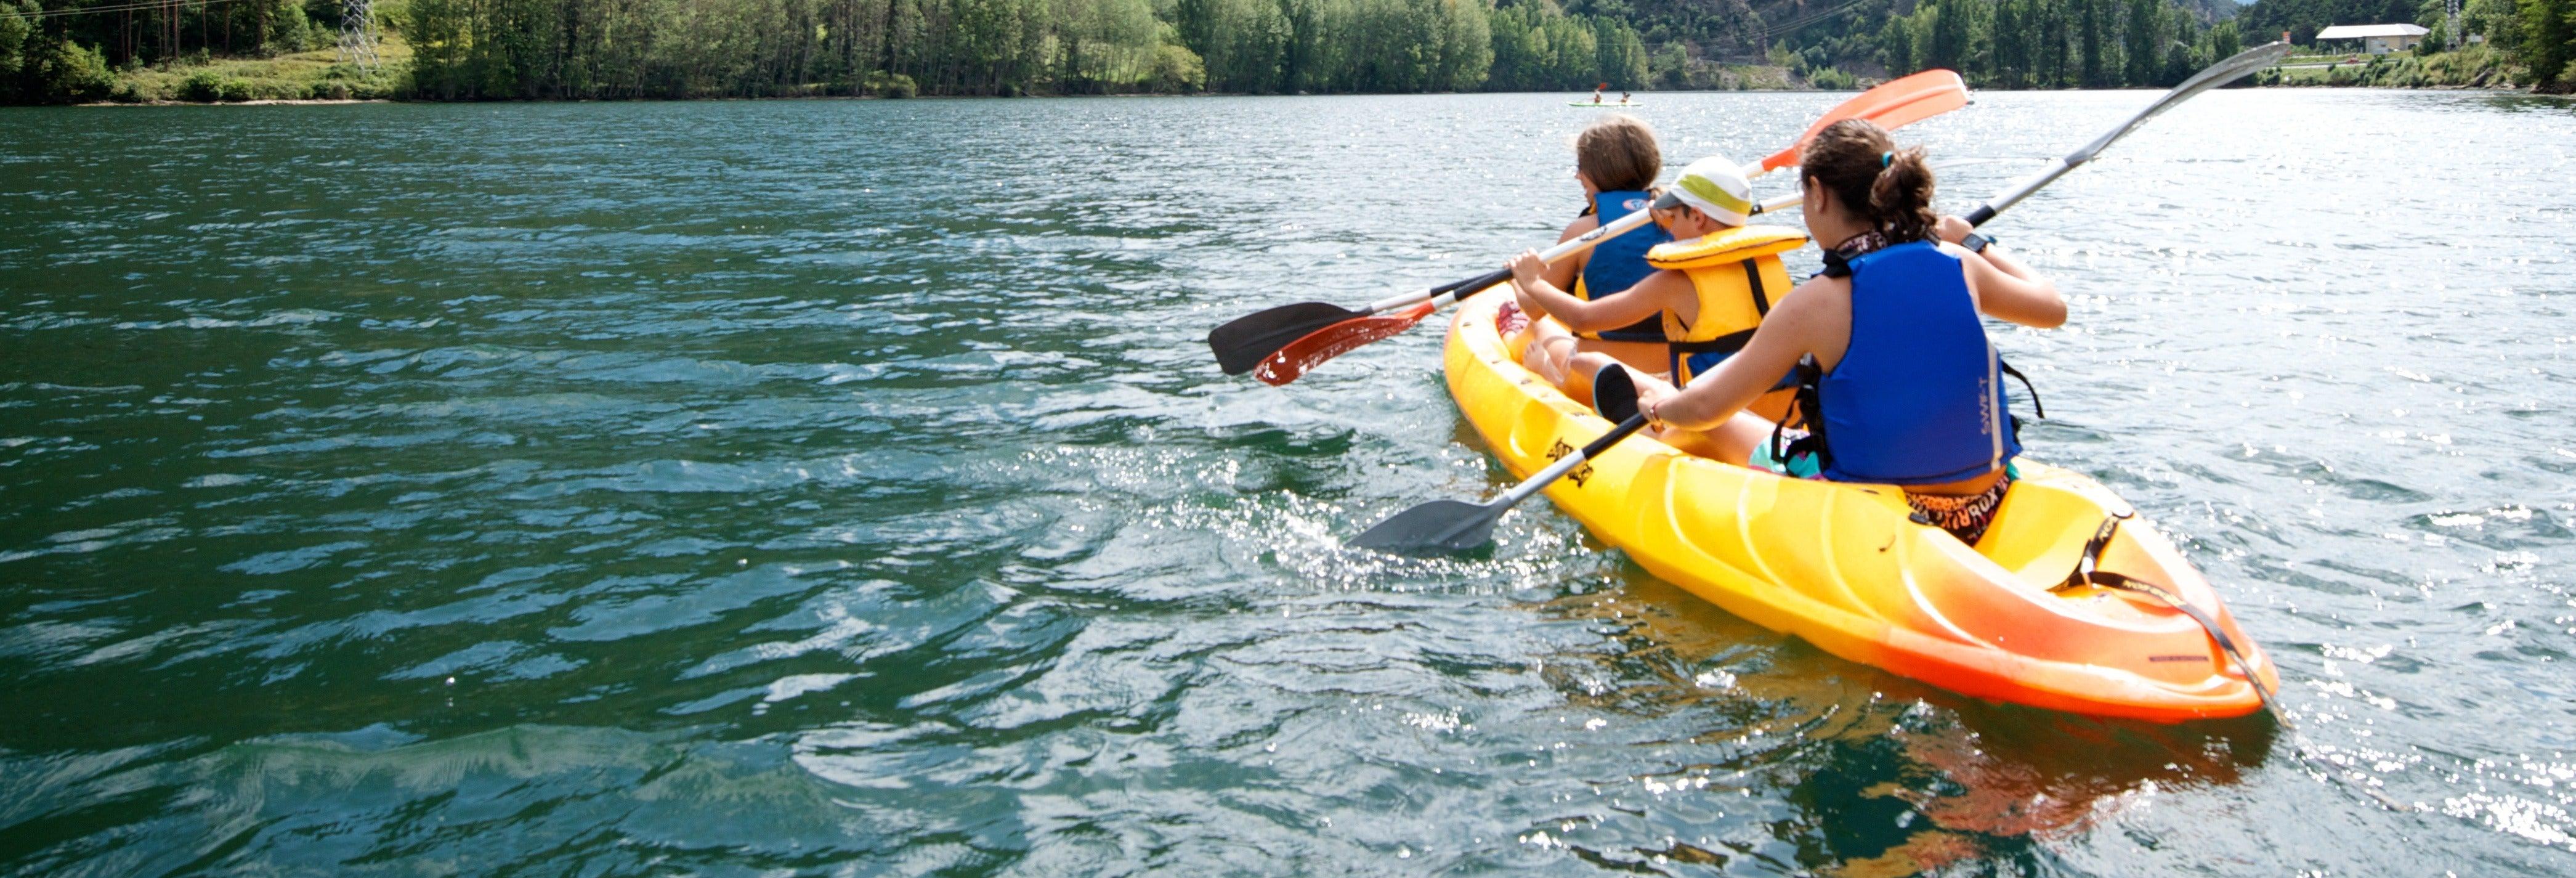 Balade en kayak à travers le lac de la Torrassa